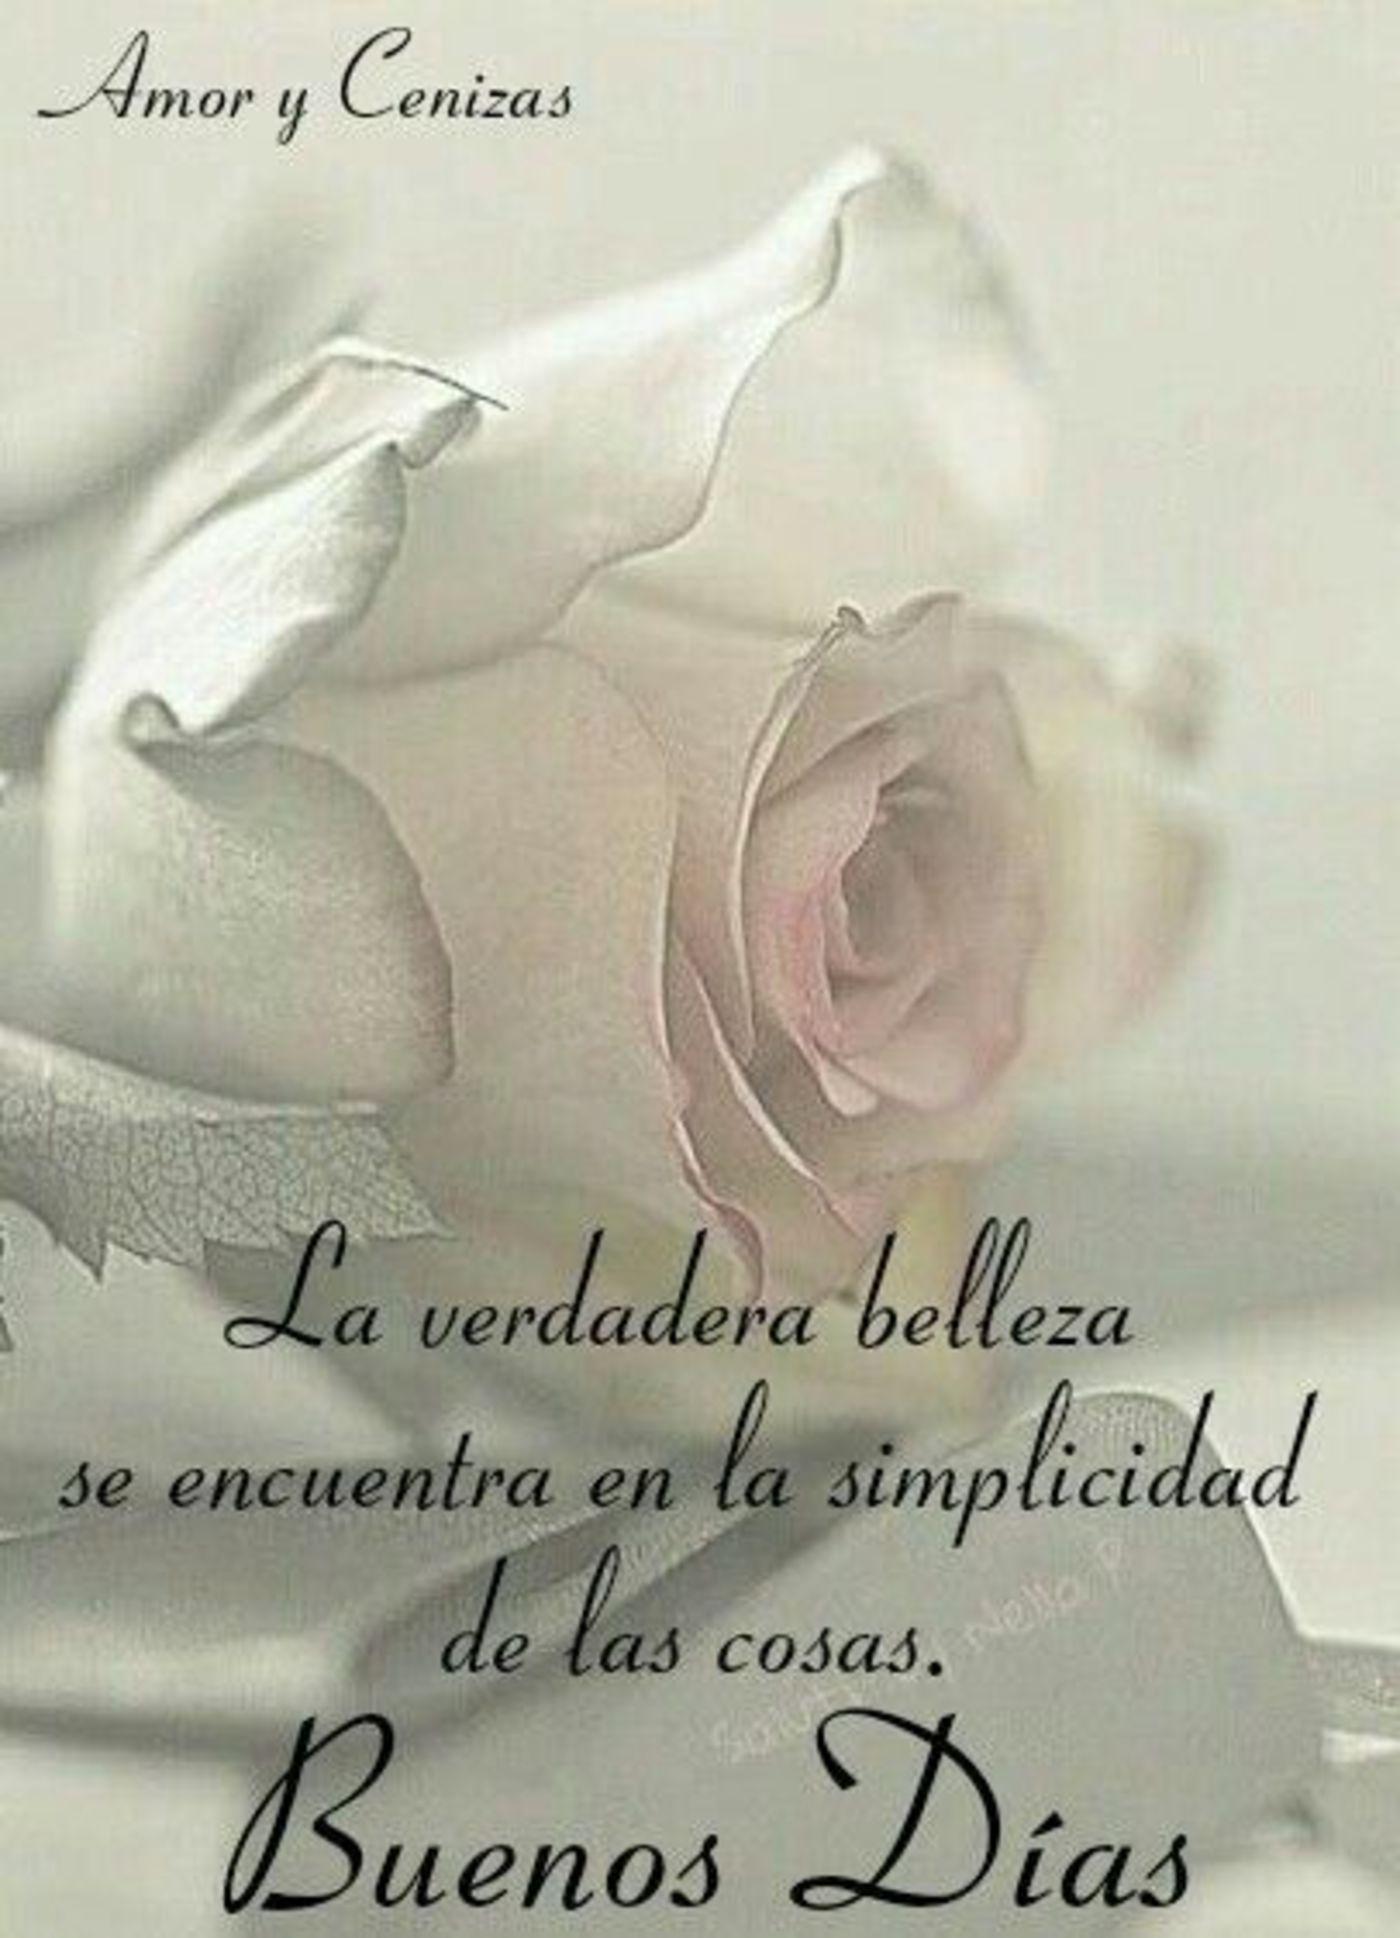 La verdadera belleza se encuentra en la semplicidad de las cosas. Buenos días